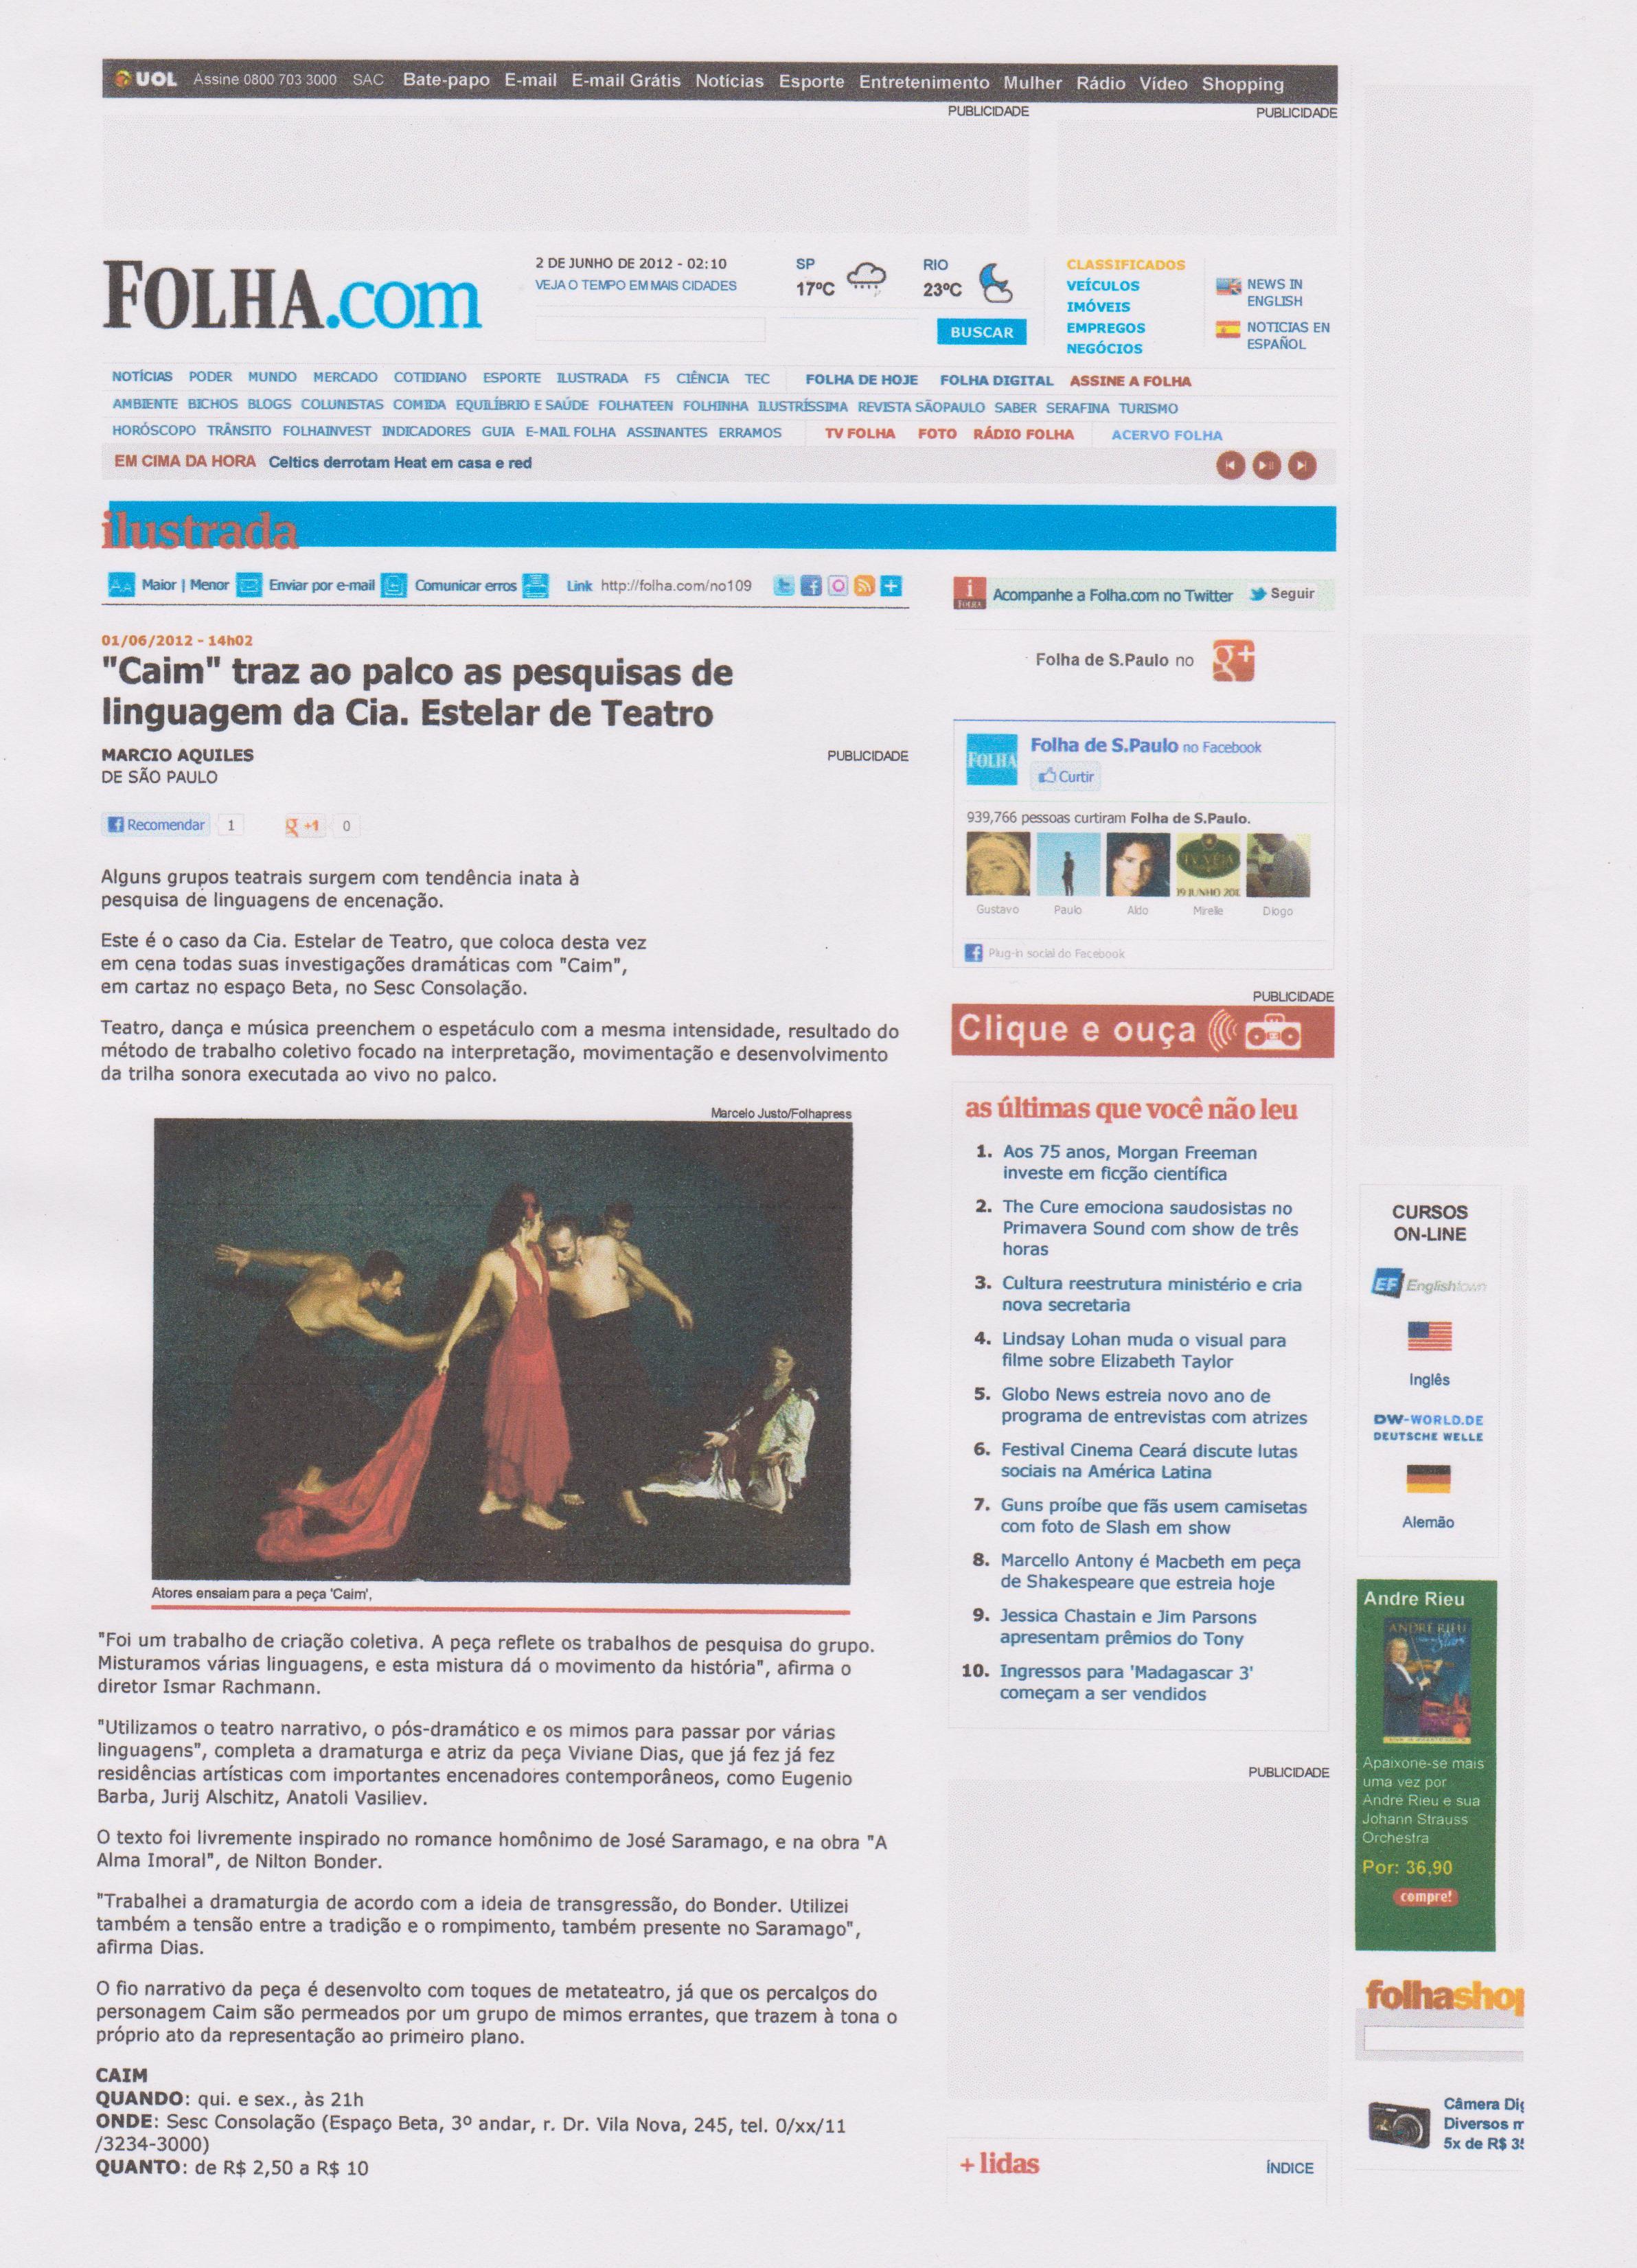 Caim Folha.com